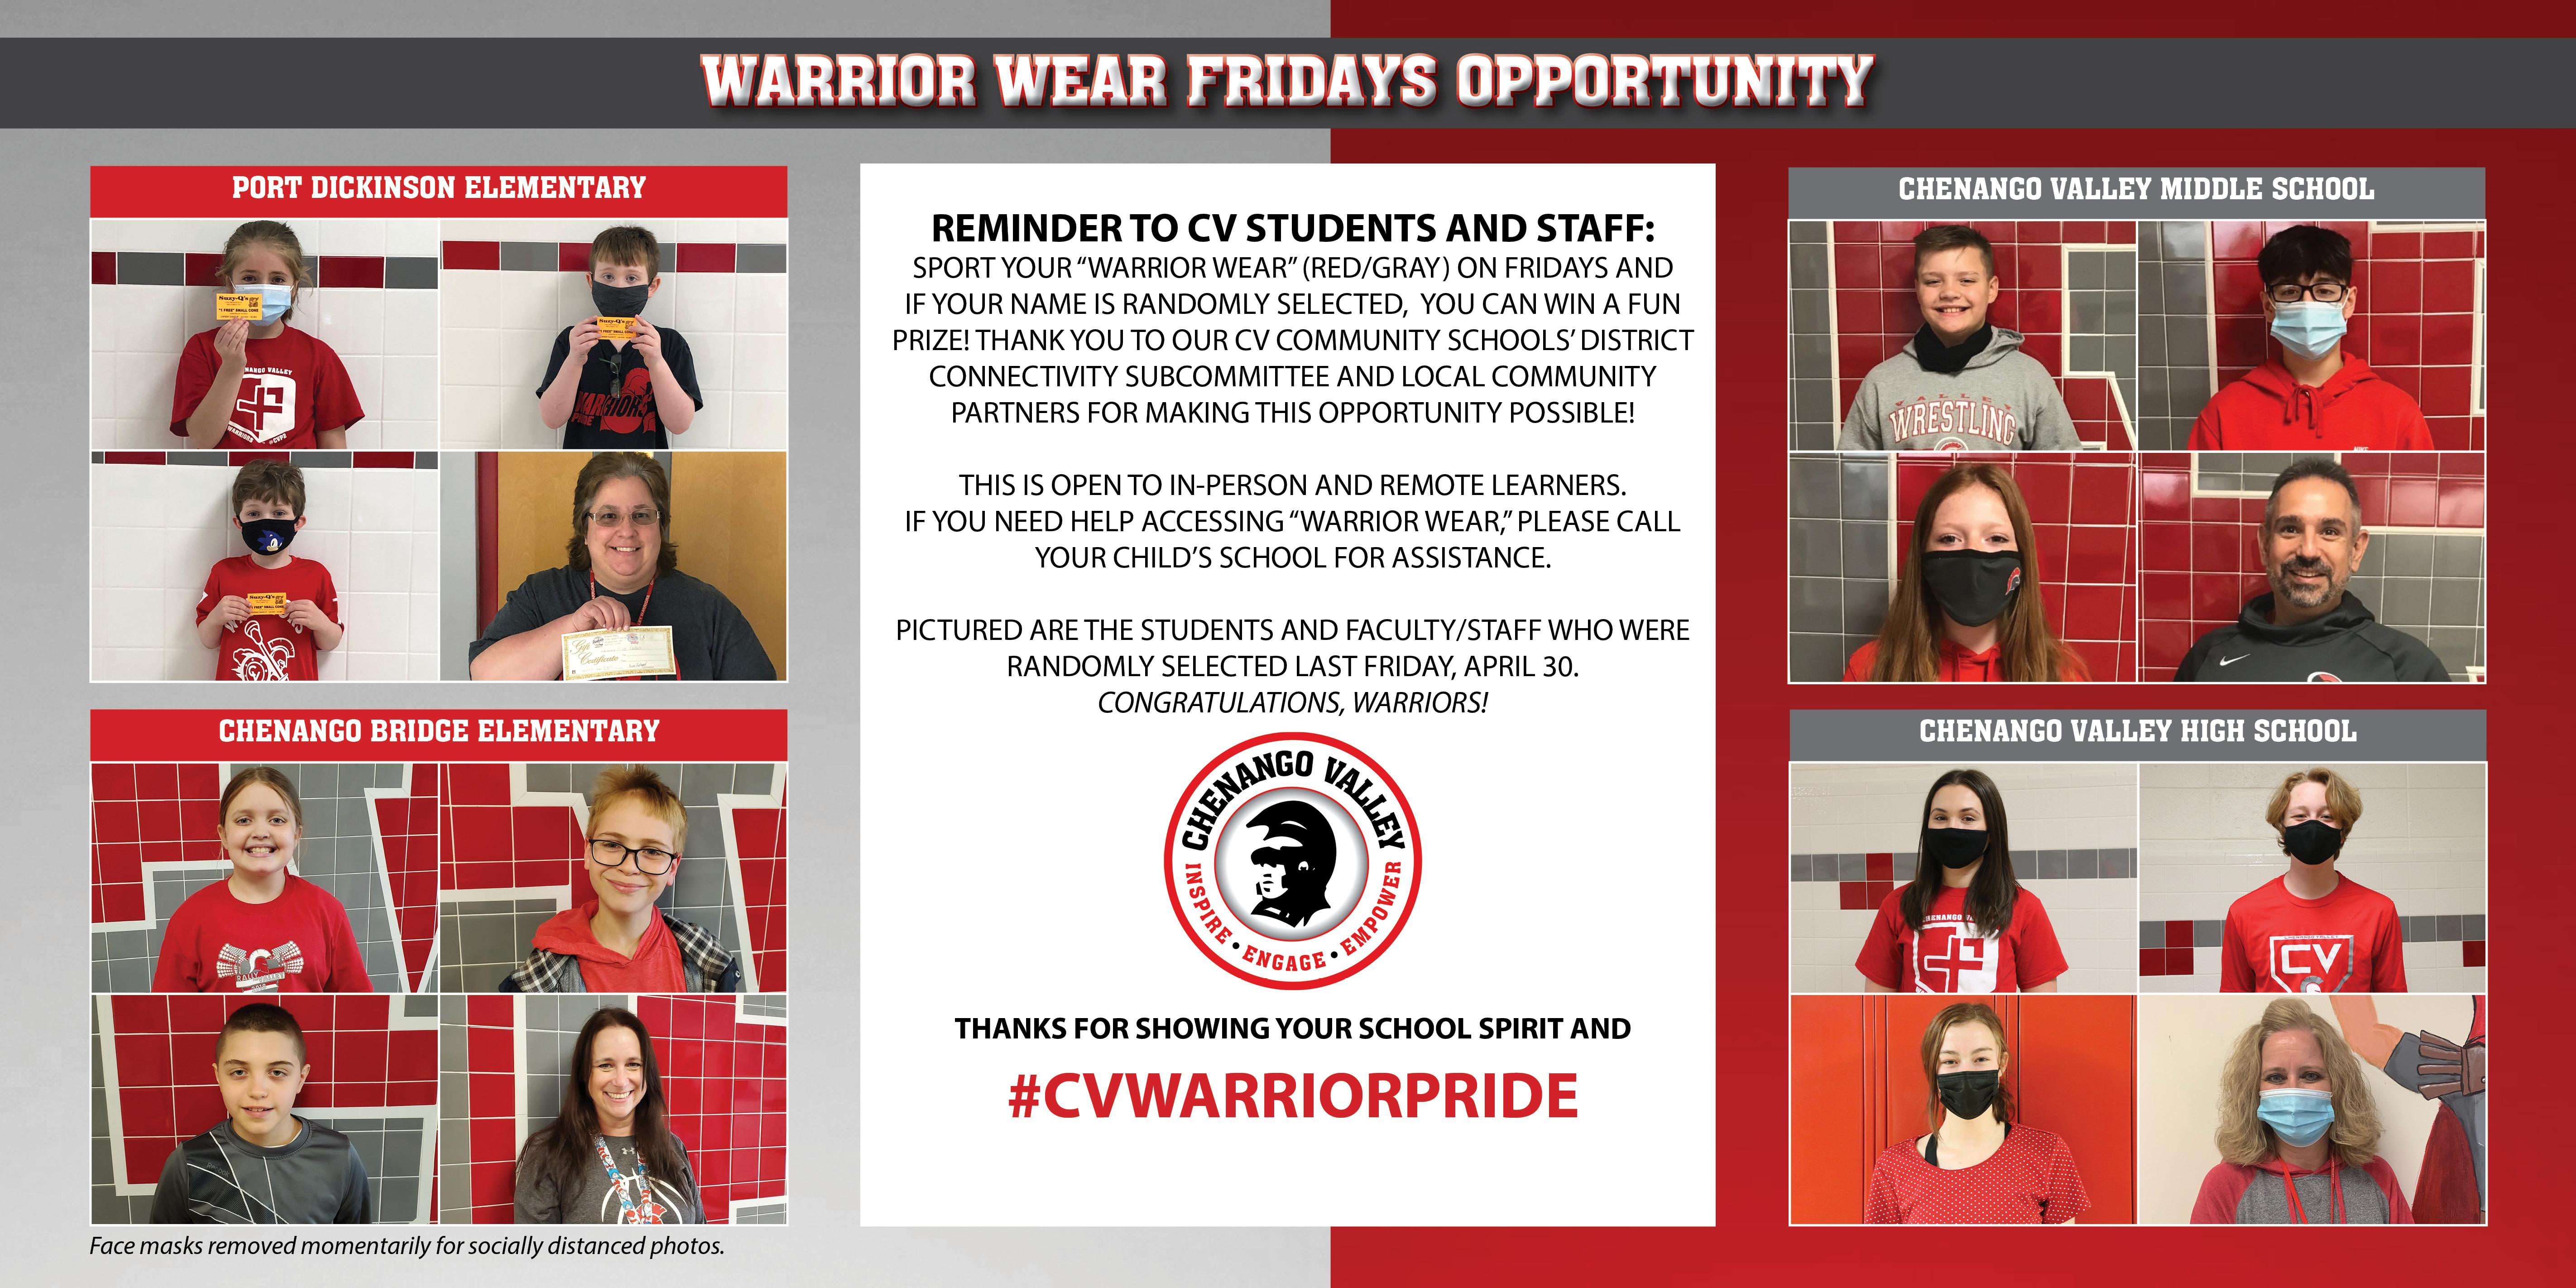 April 30 Warrior Wear Friday winners